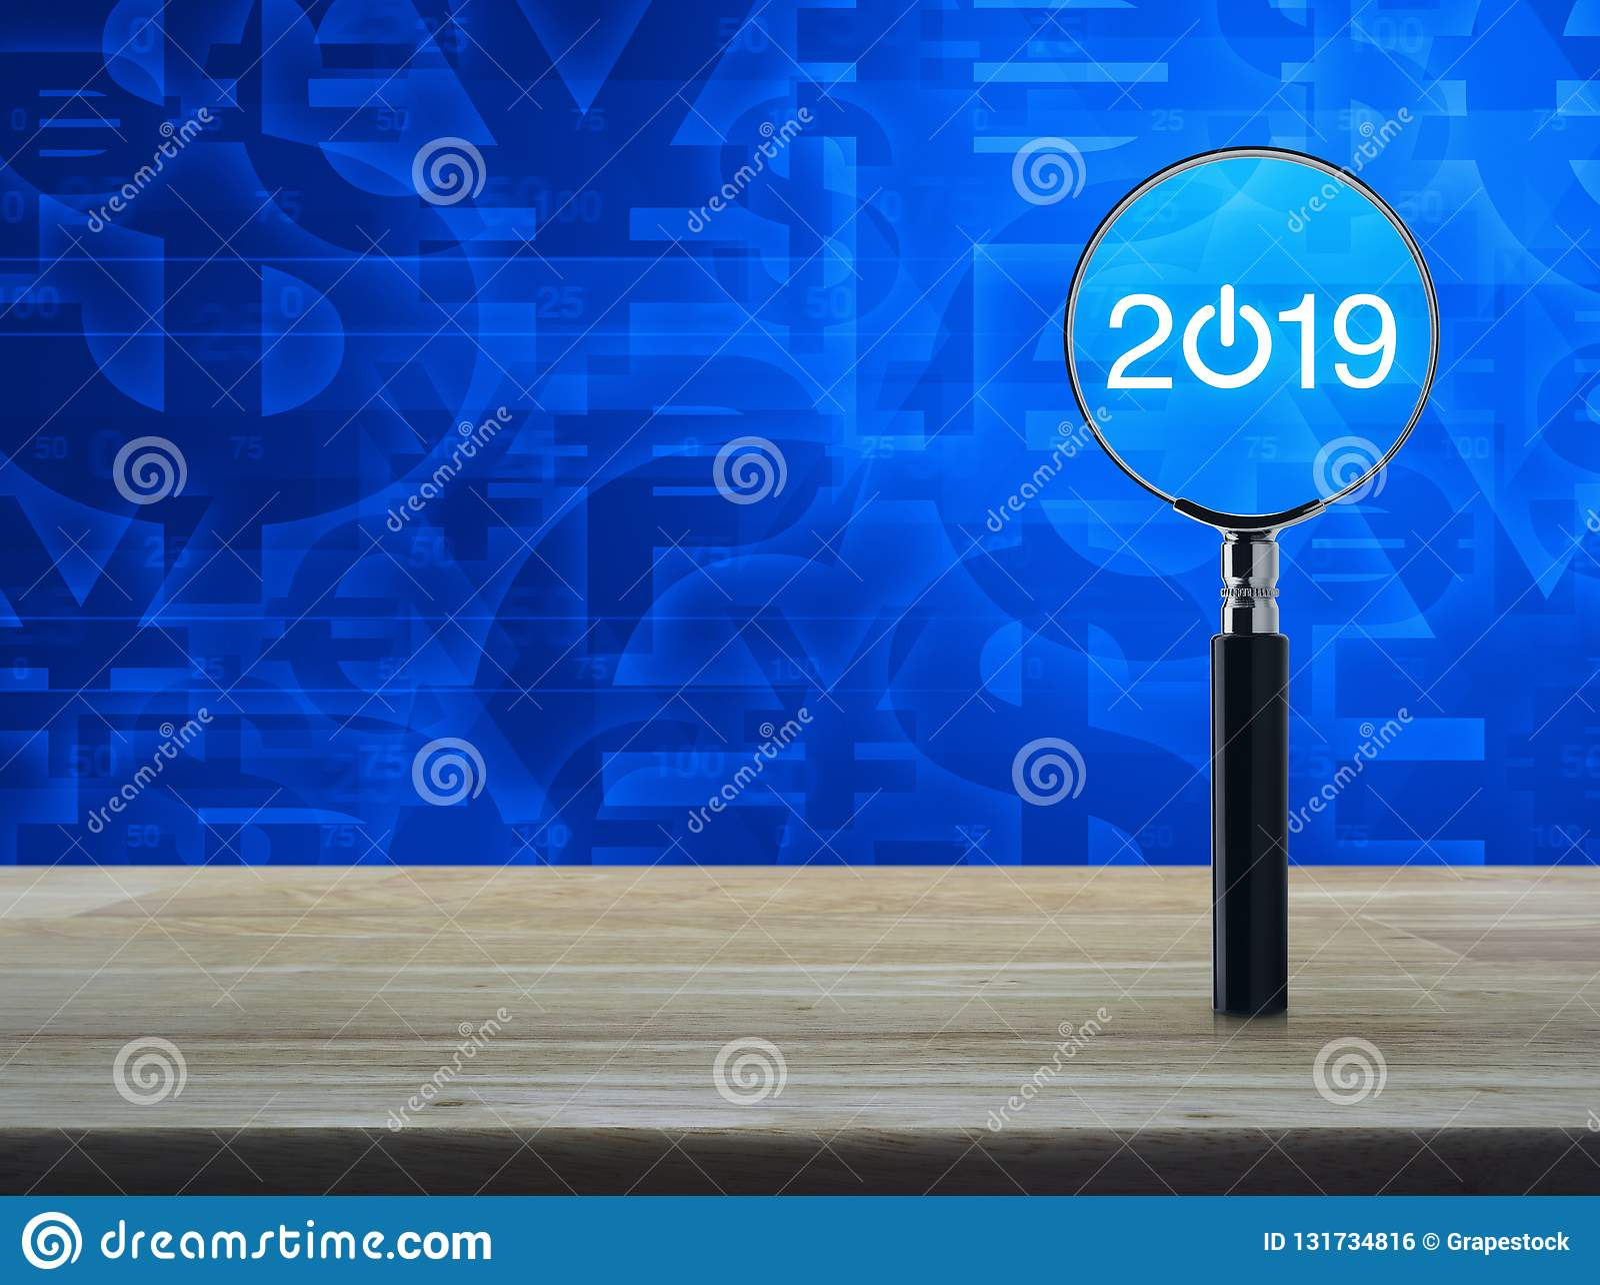 επίπεδο εικονίδιο ξεκινήματος του 2019 με την ενίσχυση - γυαλί στον ξύλινο πίνακα πέρα από το μπλε υπόβαθρο τόνου συμβόλων νομίσμ